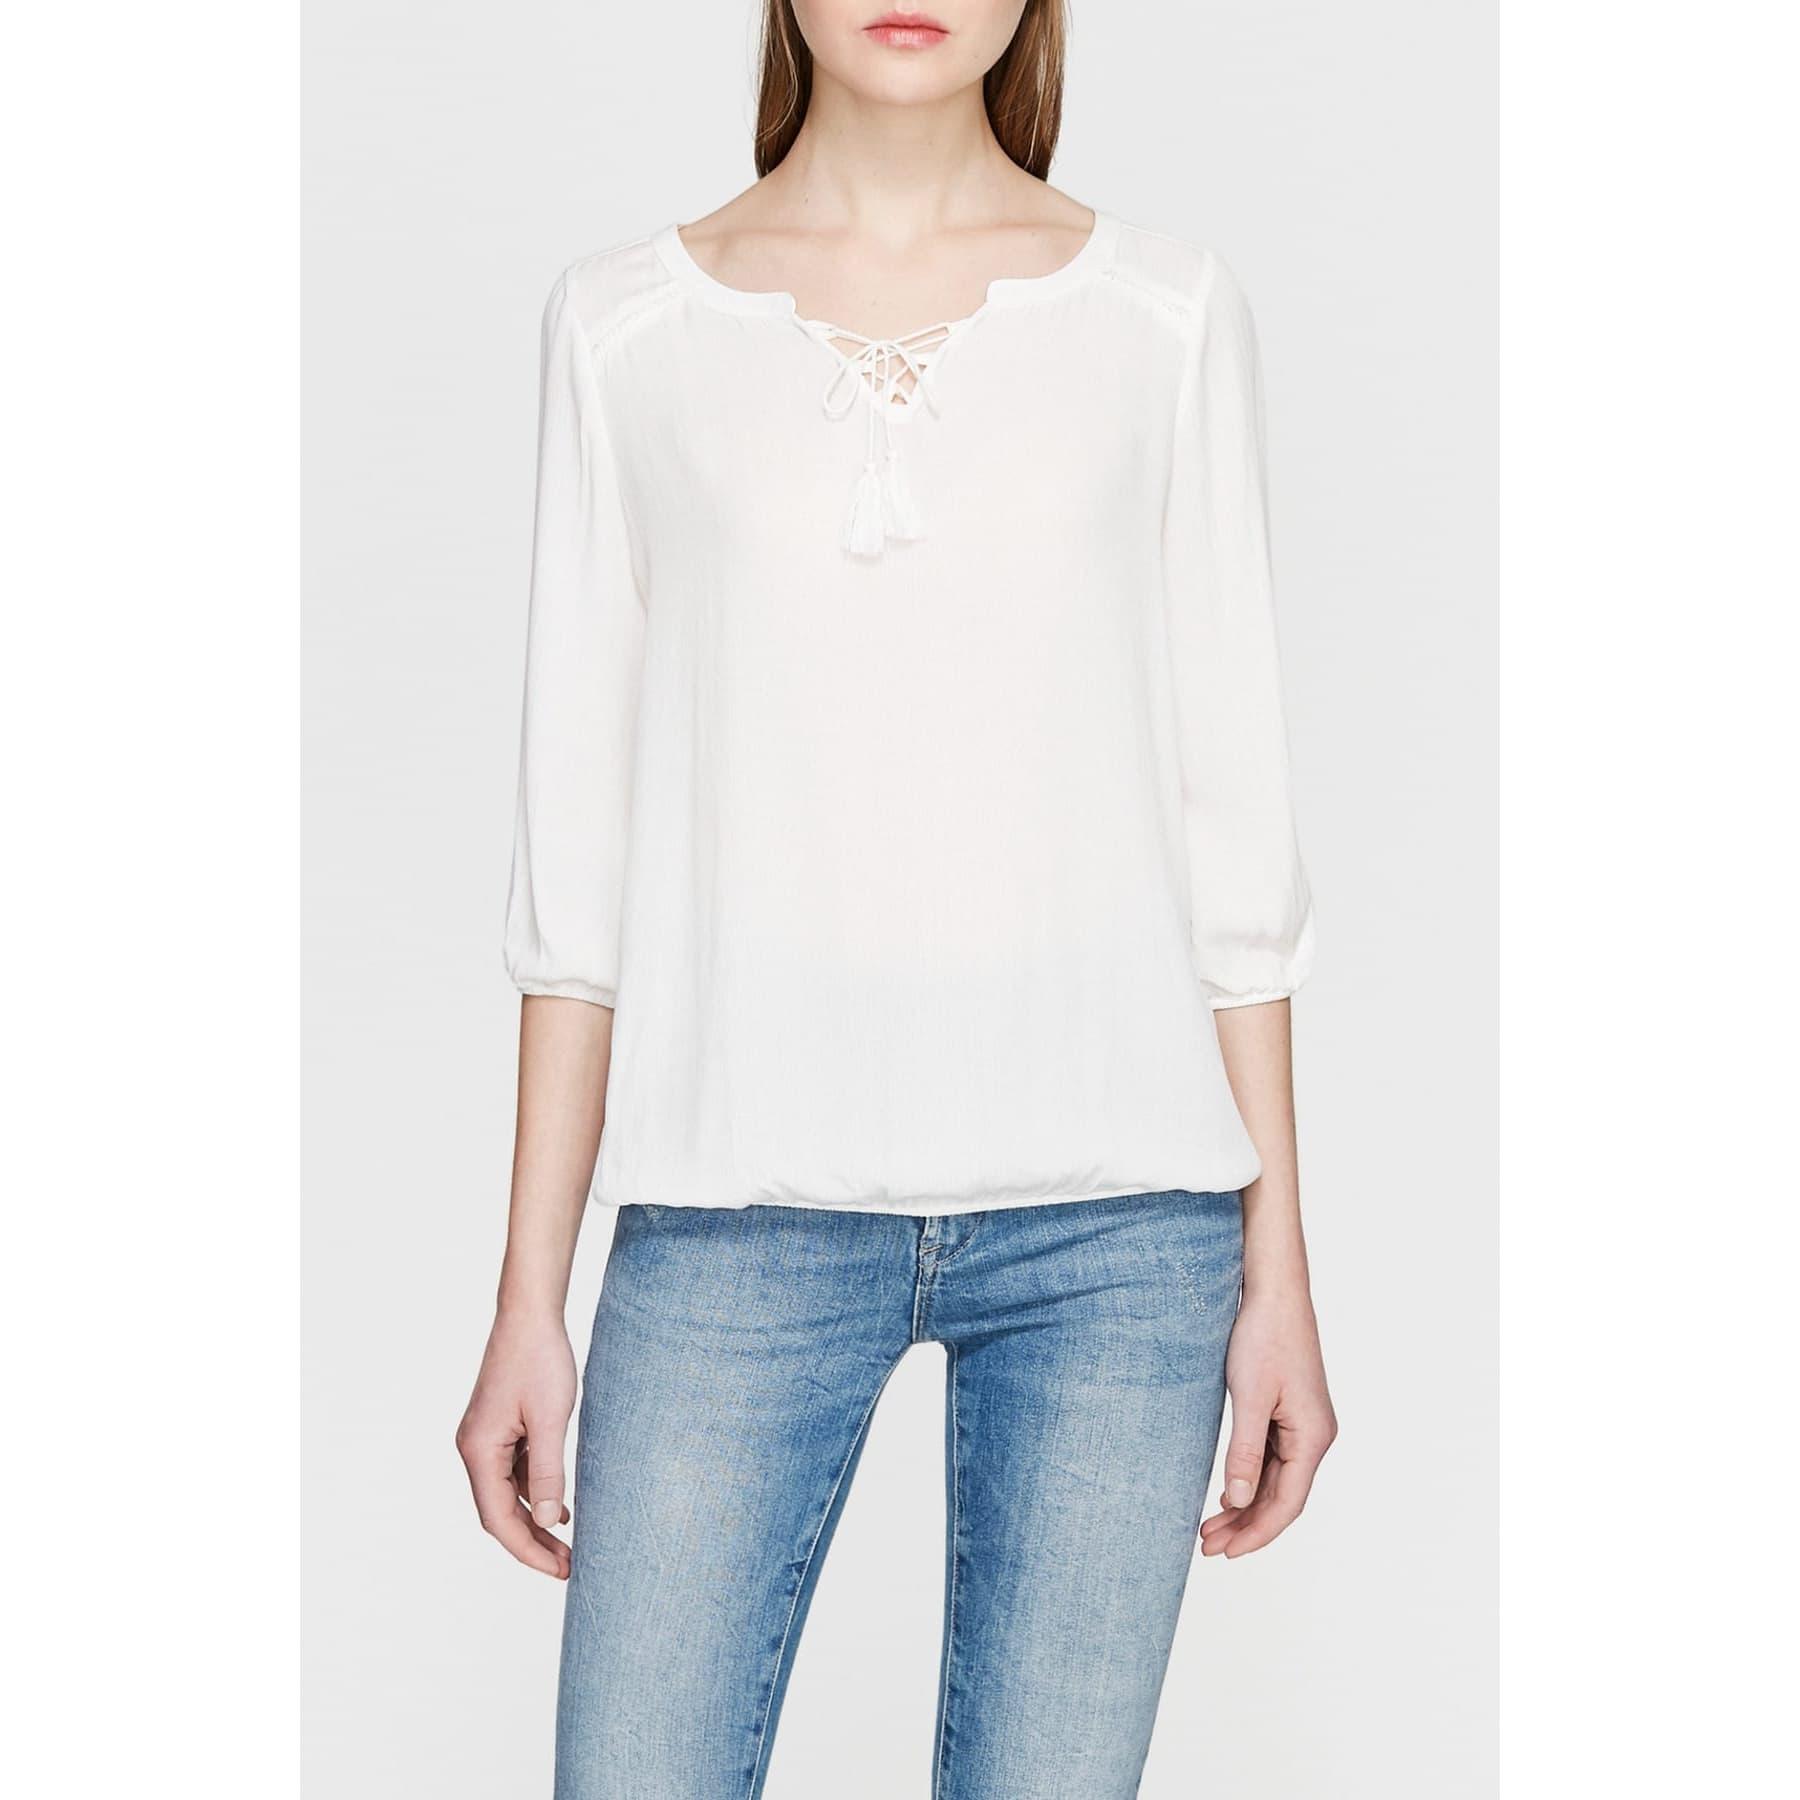 Kadın Bağcık Detaylı Beyaz Bluz